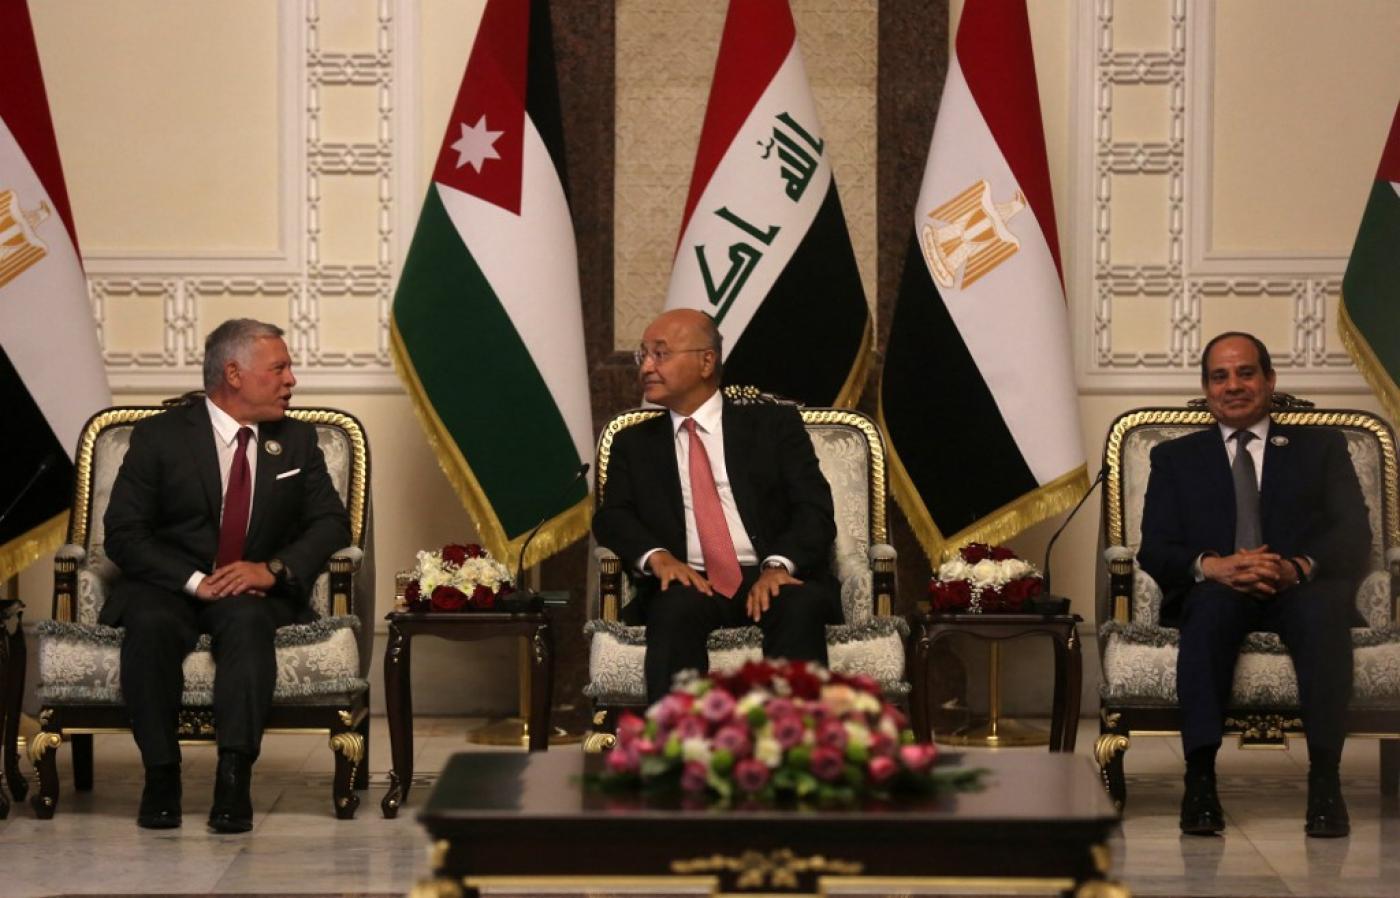 بعد زيارة السيسي وملك الأردن إلى العراق .. هذه التحديات التي تواجه التحالف العربي الجديد